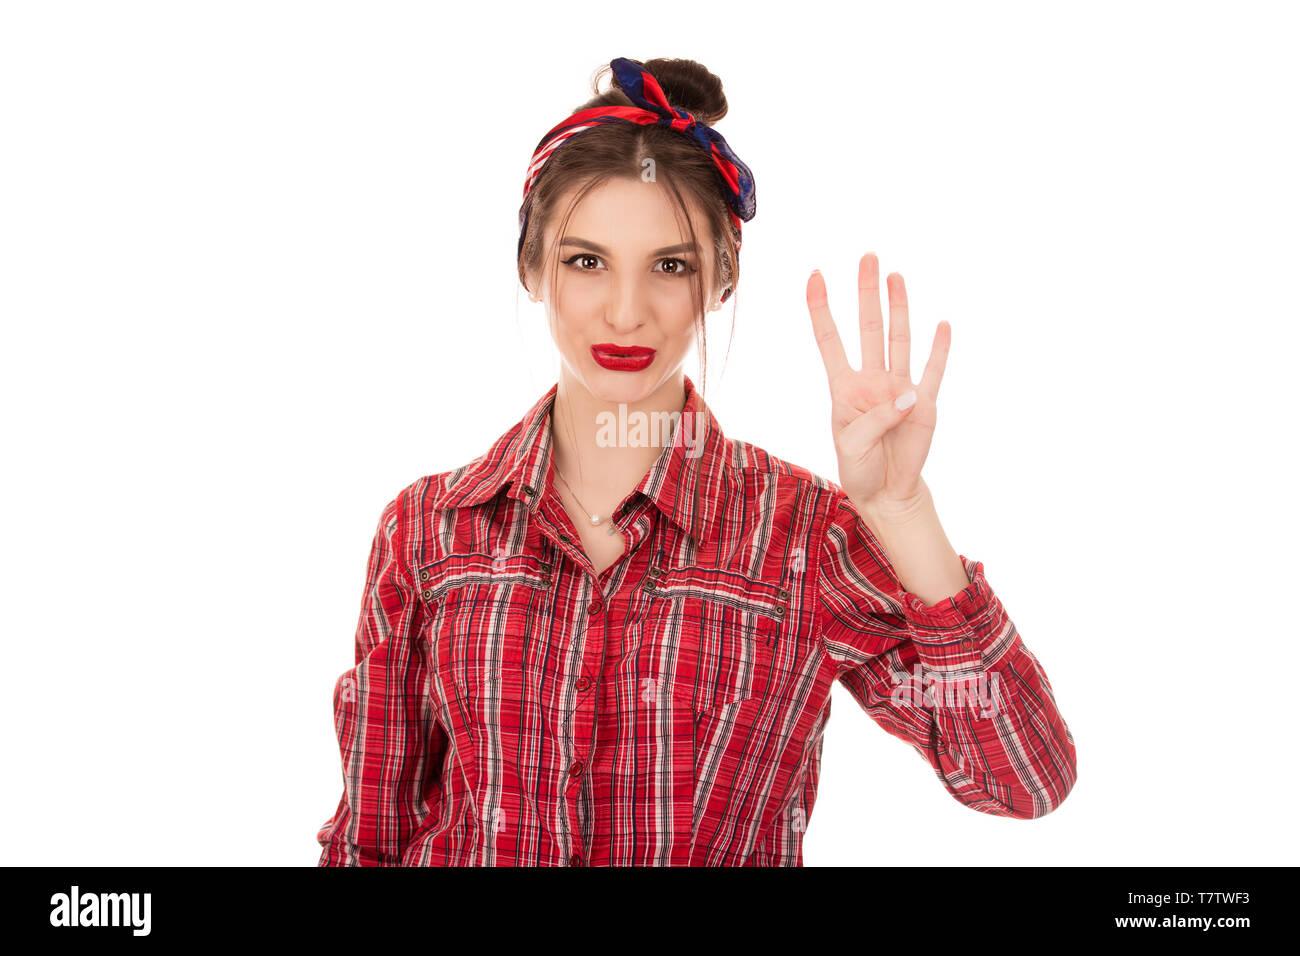 92322fda3b3bad Ragazza giovane conta quattro isolato puro su sfondo bianco. Ritaglio  Closeup ritratto di una donna